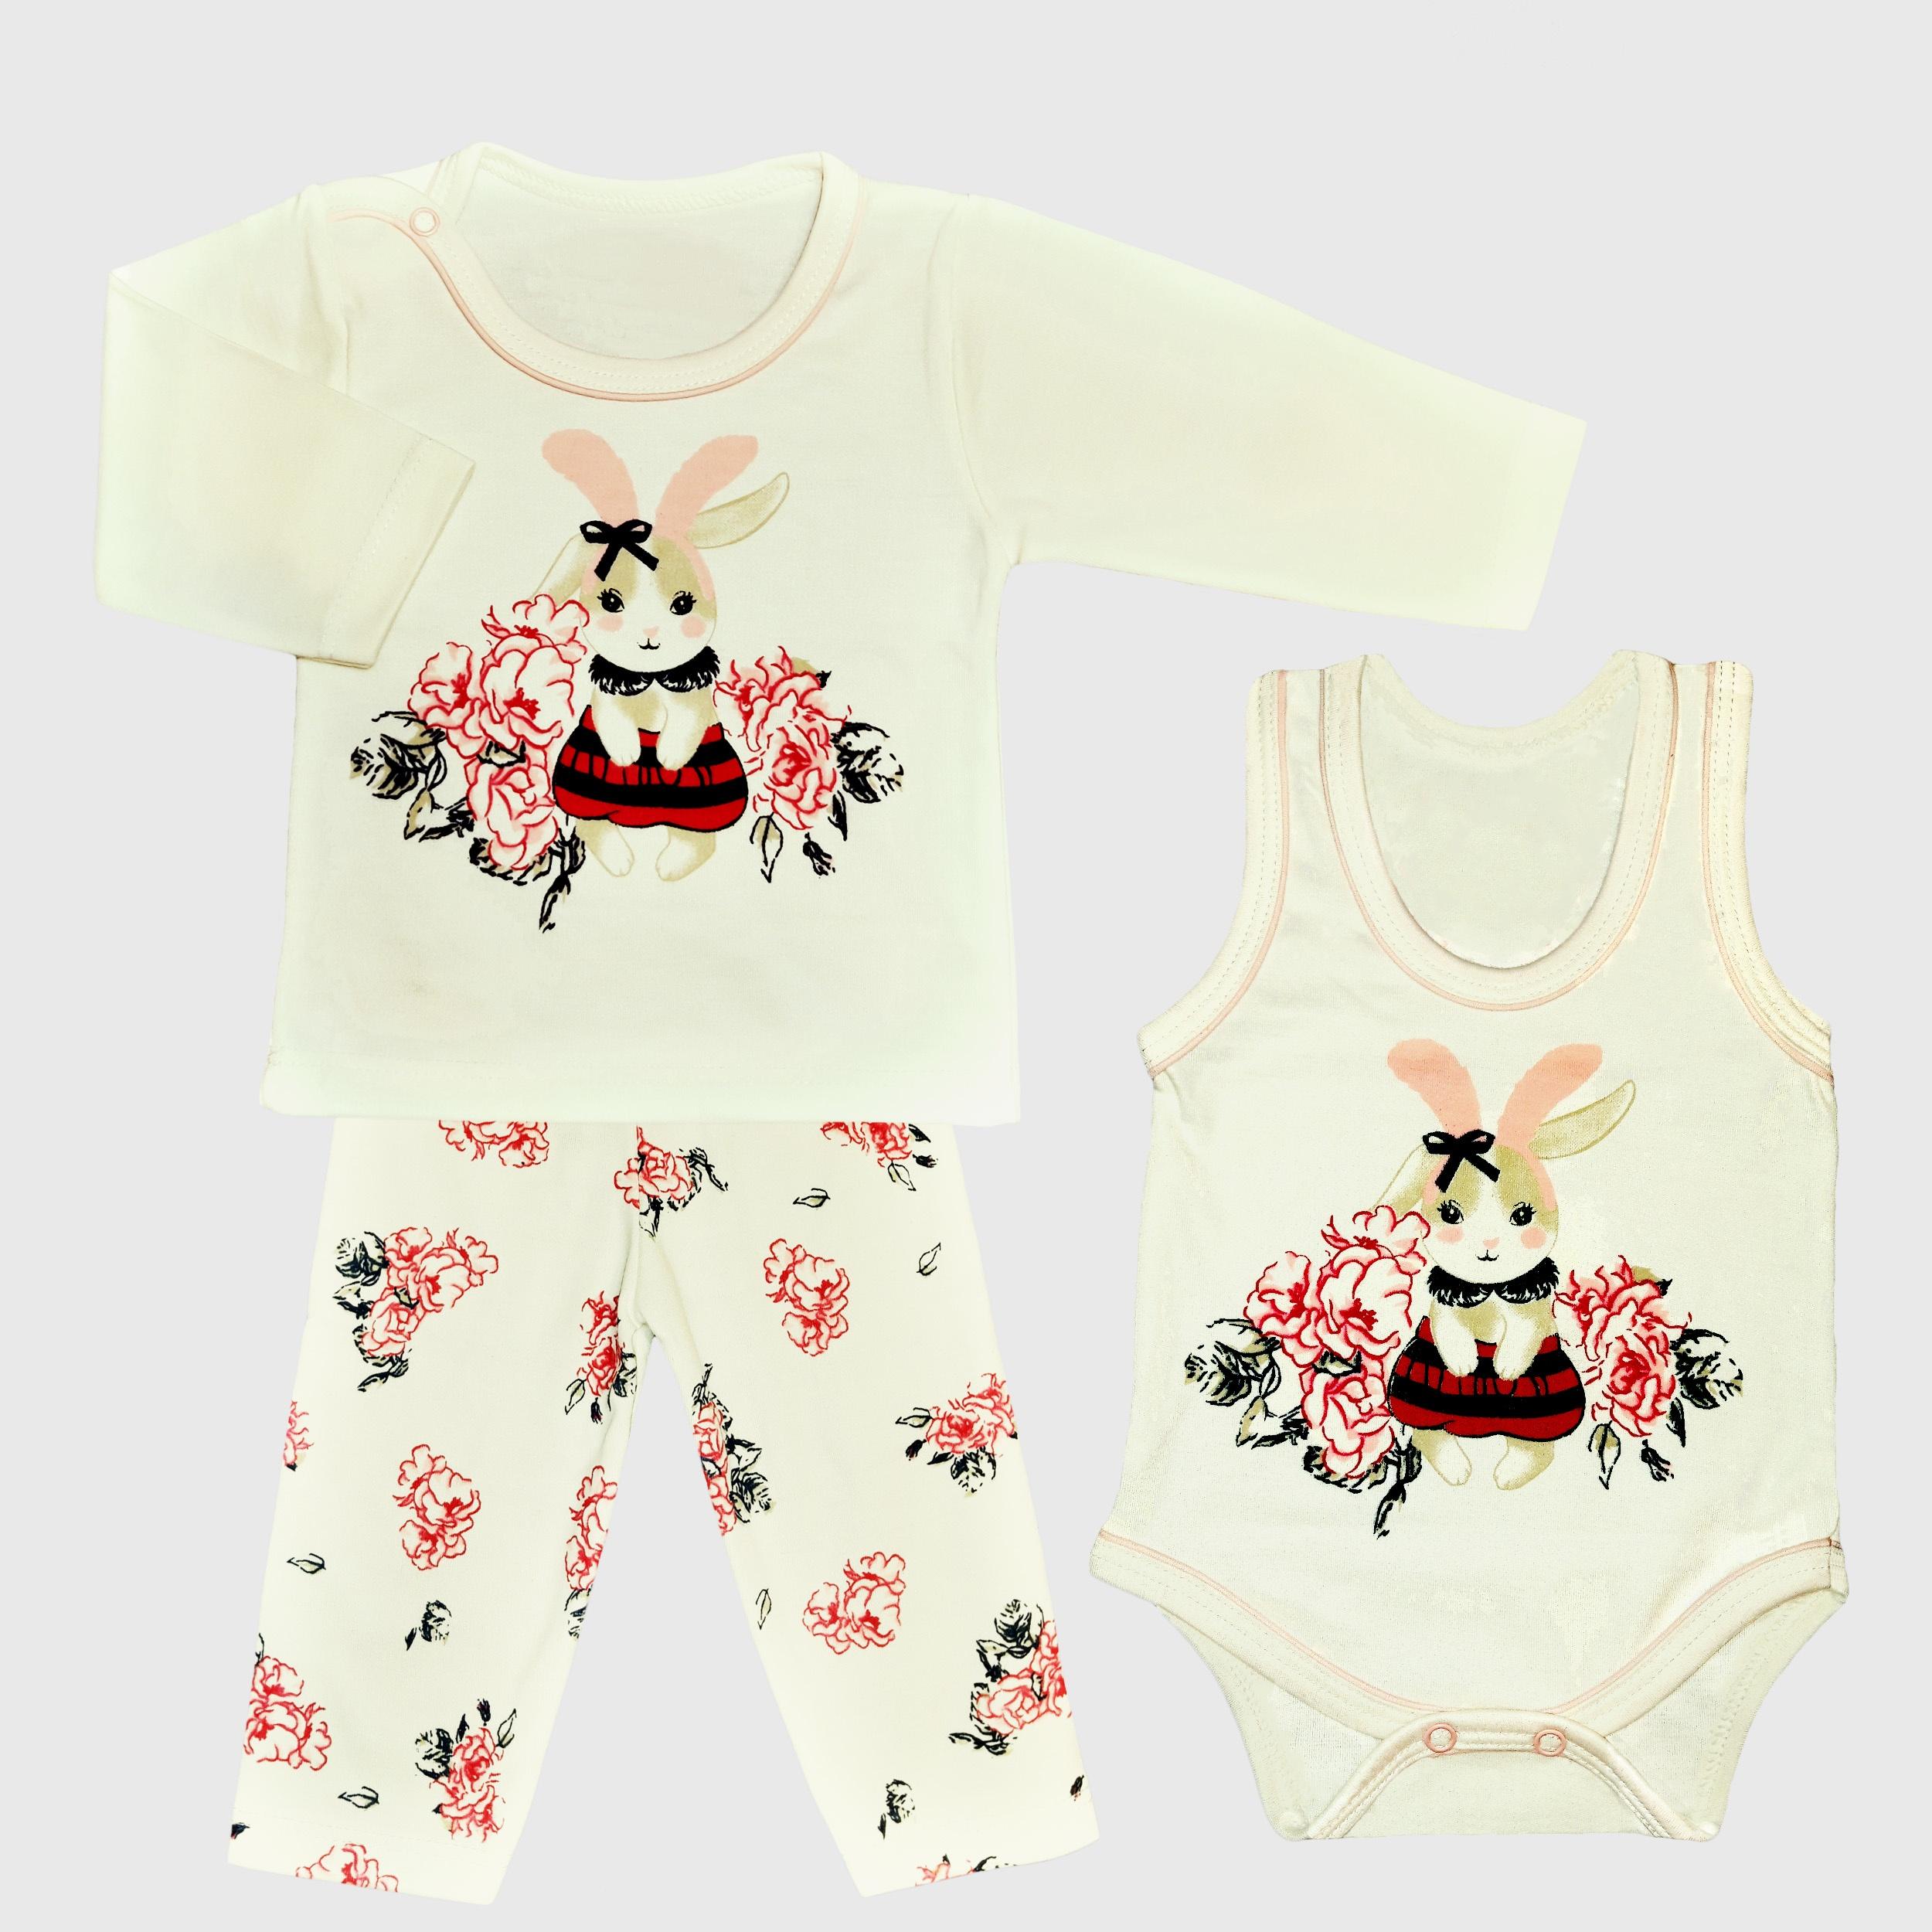 ست 3 تکه لباس نوزادی دخترانه طرح خرگوش